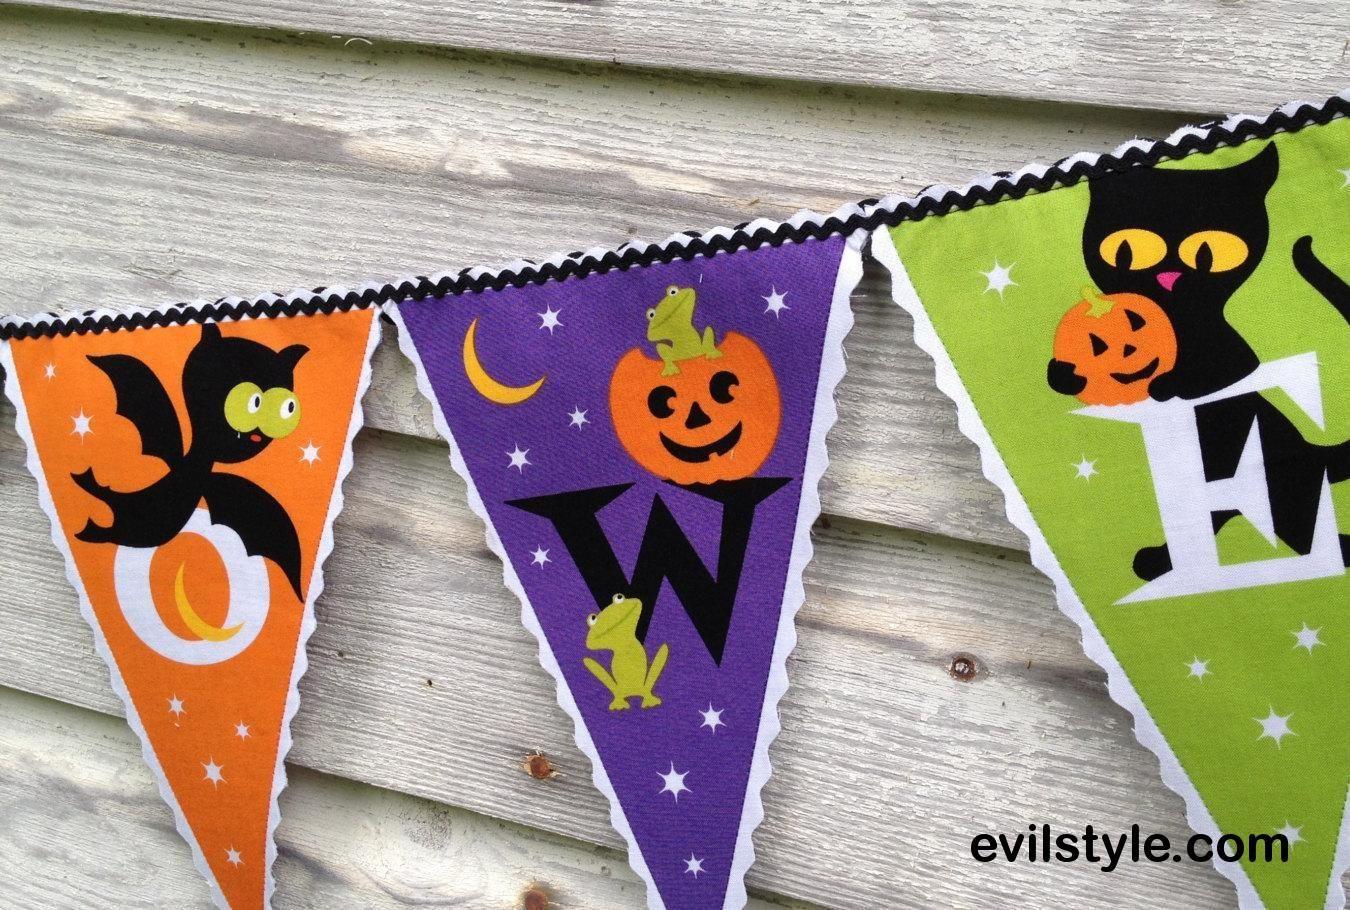 Halloween Banner, Halloween Decor, Fabric Banner, Handmade Bunting, Pumpkin Patch, Halloween Party Decoration - http://evilstyle.com/halloween-banner-halloween-decor-fabric-banner-handmade-bunting-pumpkin-patch-halloween-party-decoration